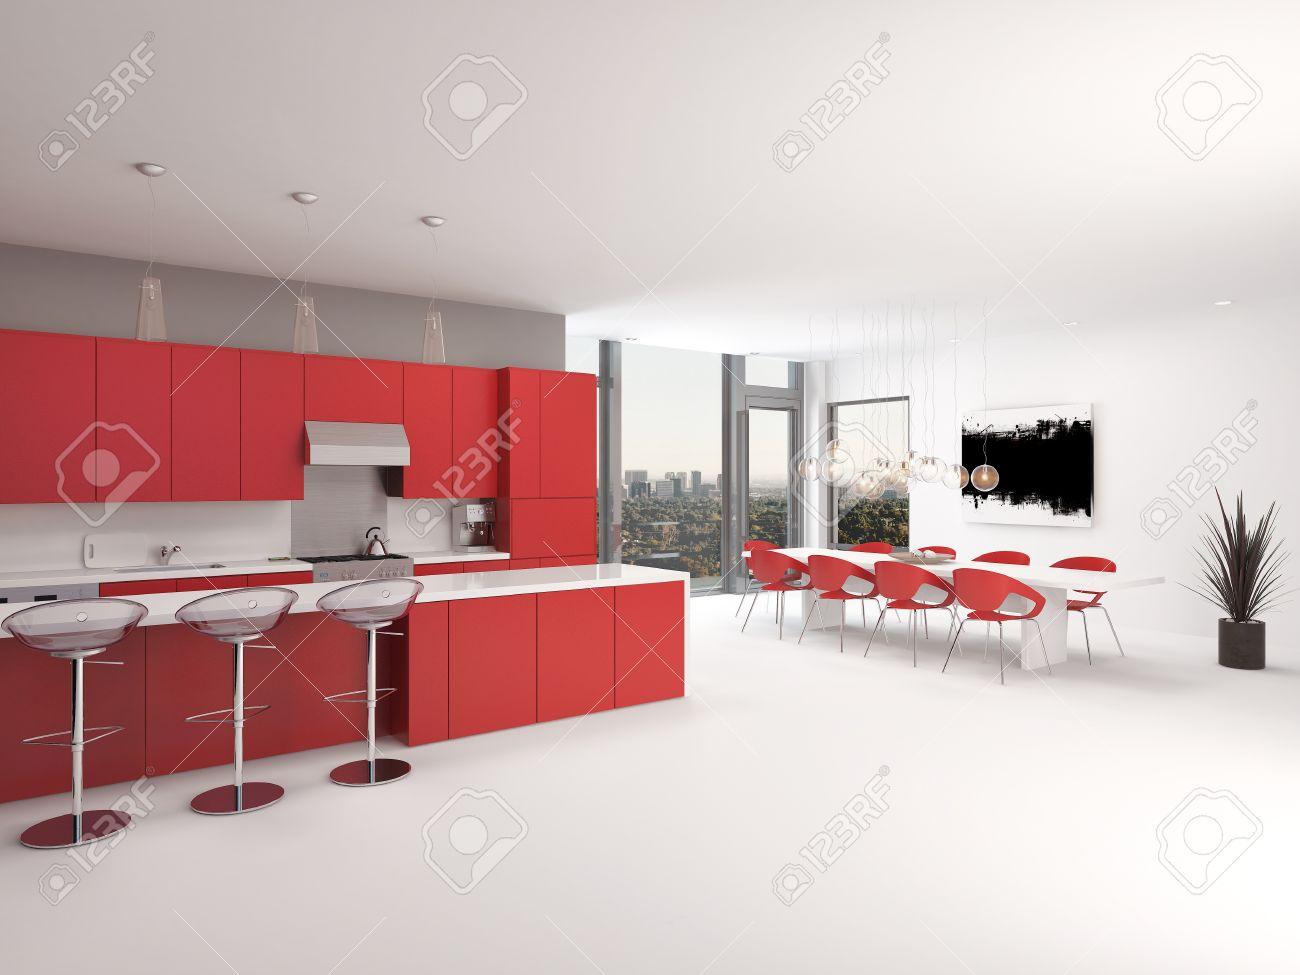 Moderne Offene Rote Küche Interieur Mit Einer Langen Theke Mit Barhockern  Und Küchenschränke Und Geräte Entlang